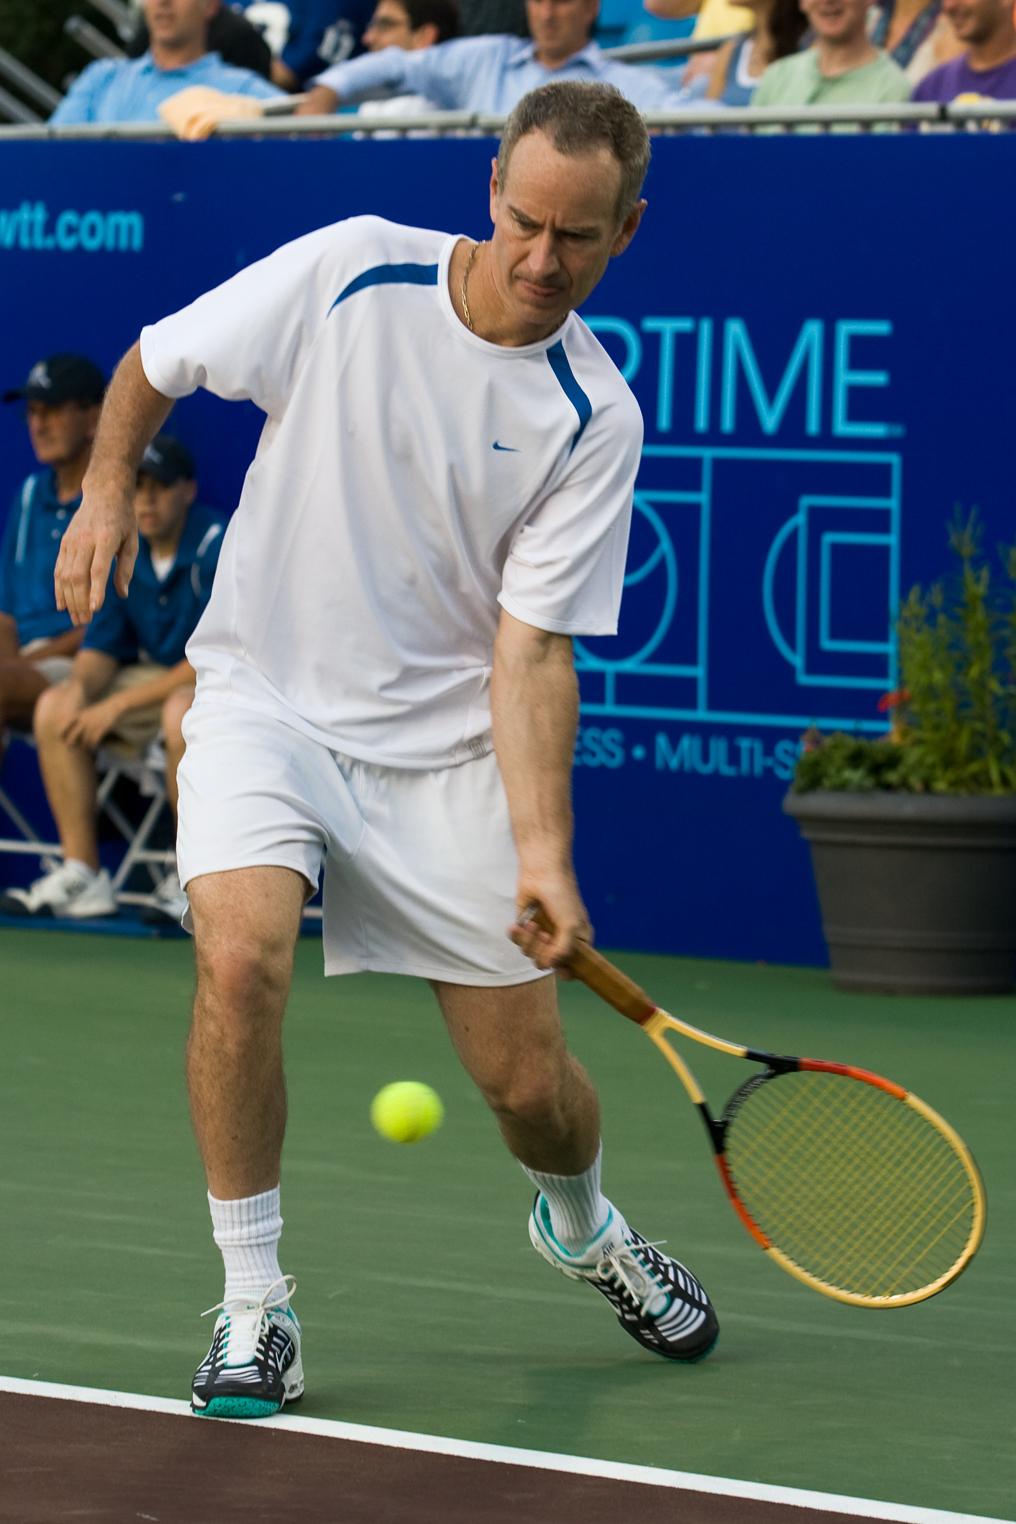 John McEnroe career statistics - Wikipedia